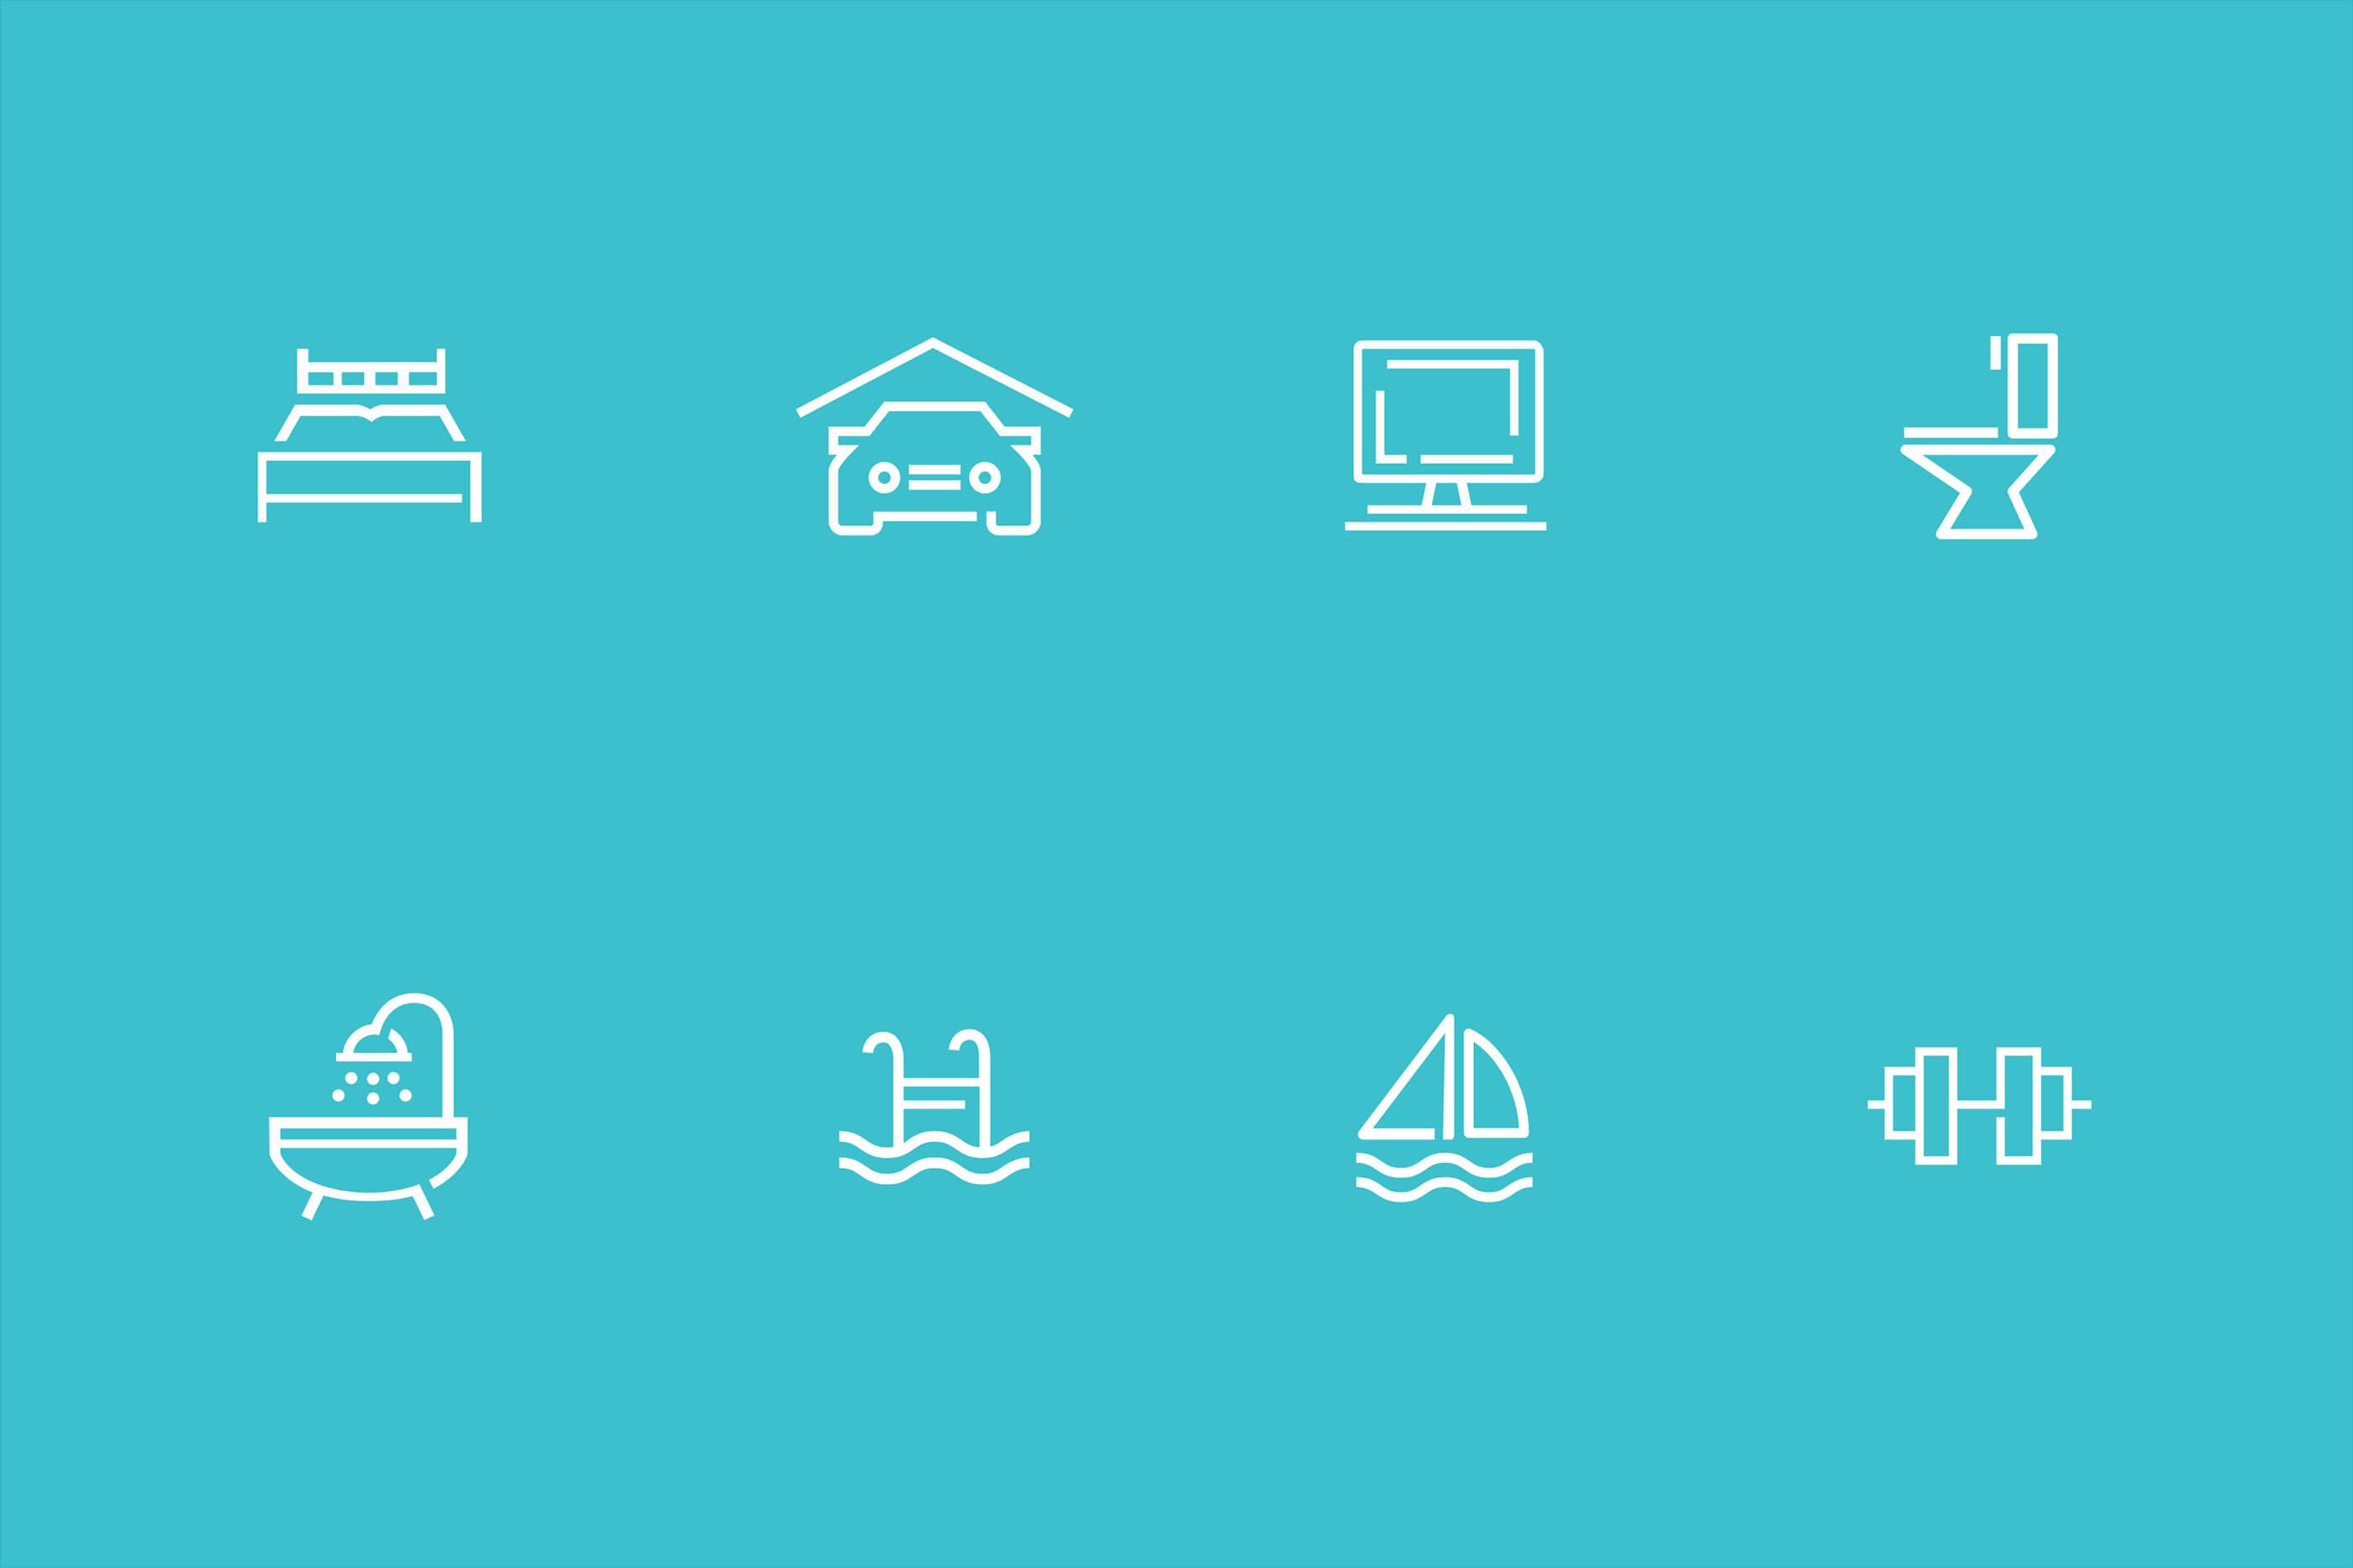 Diprinzio_real_estate_icons